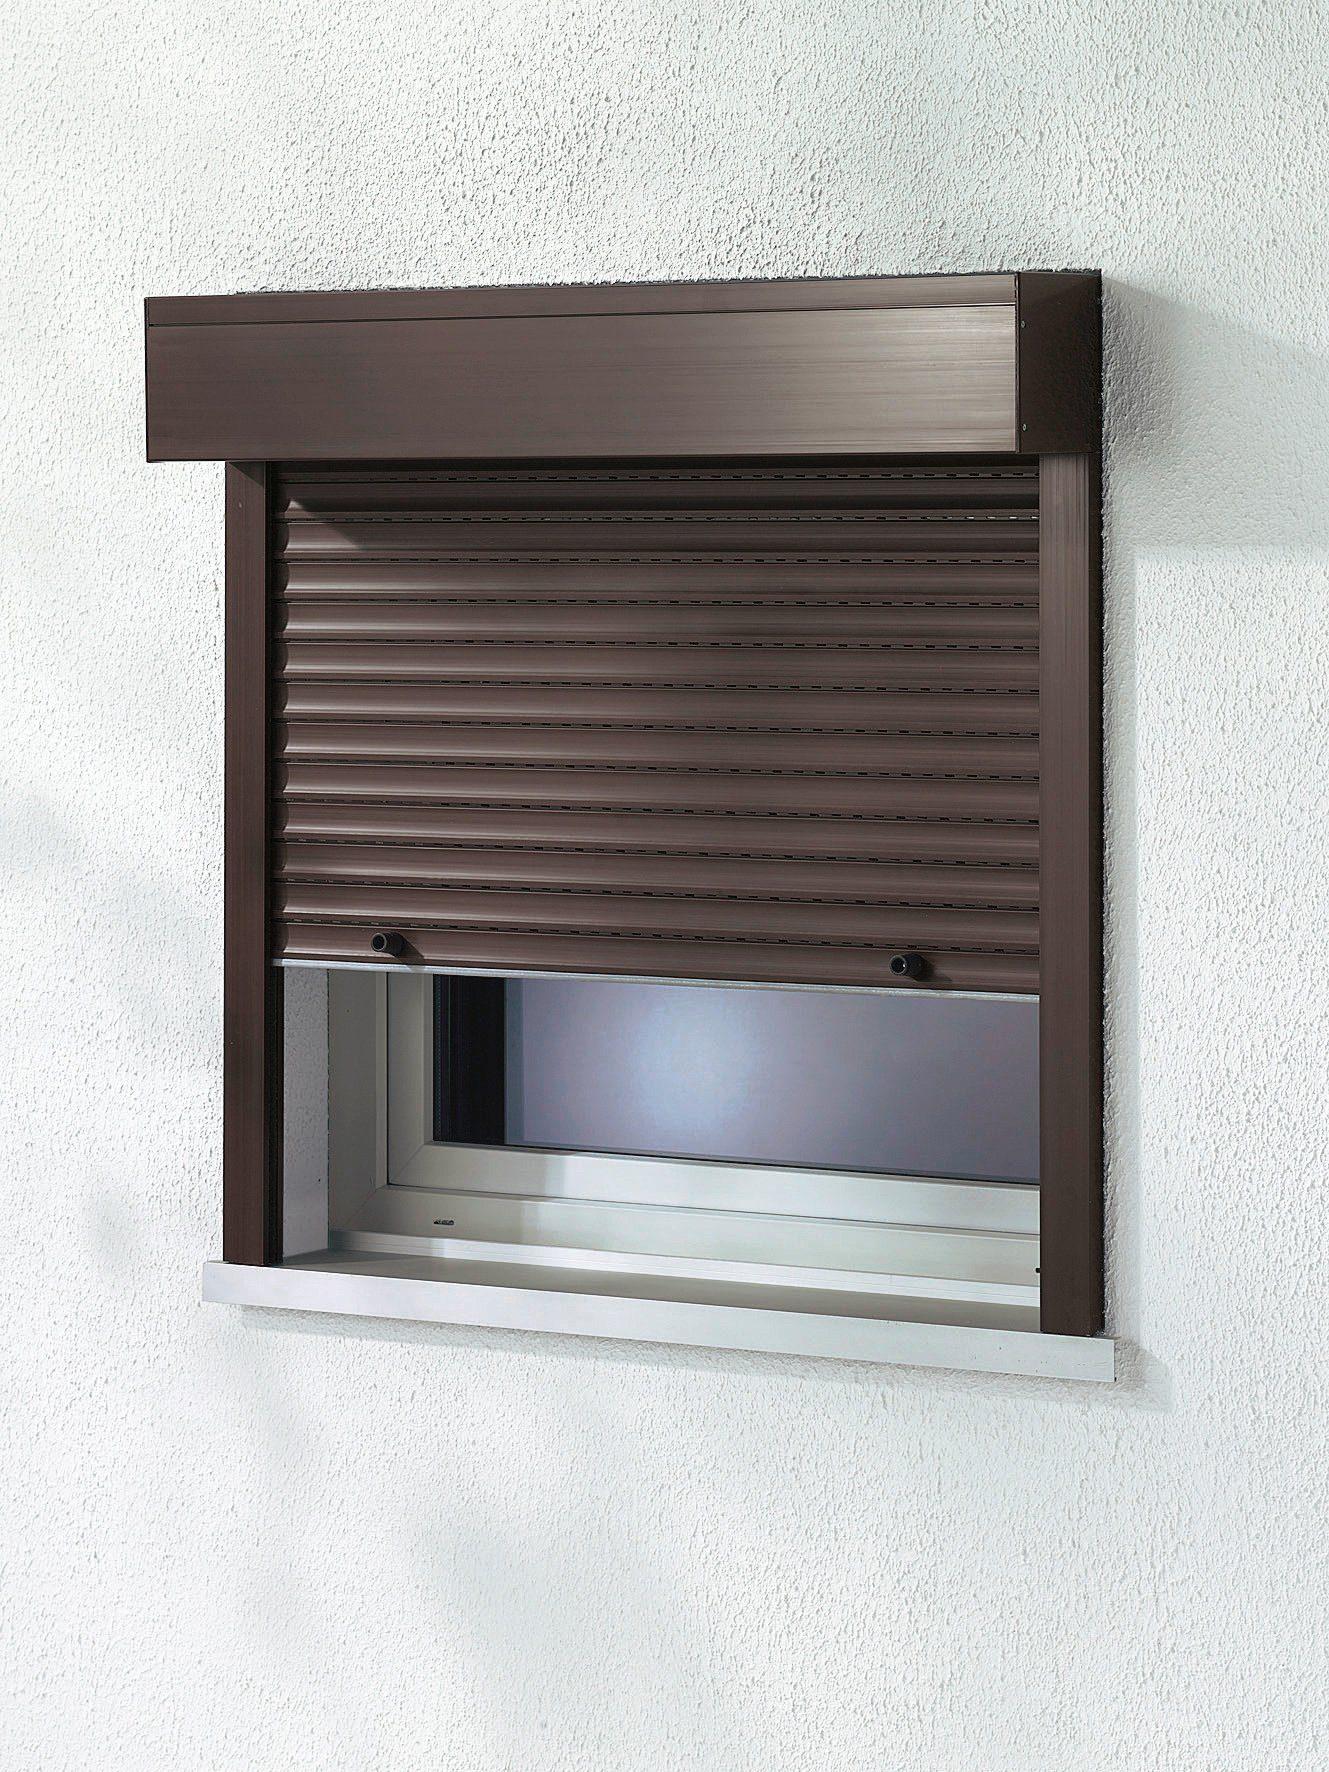 Kunststoff »Vorbau-Rollladen« Sondermaß Breite, Höhe: 210 cm, braun